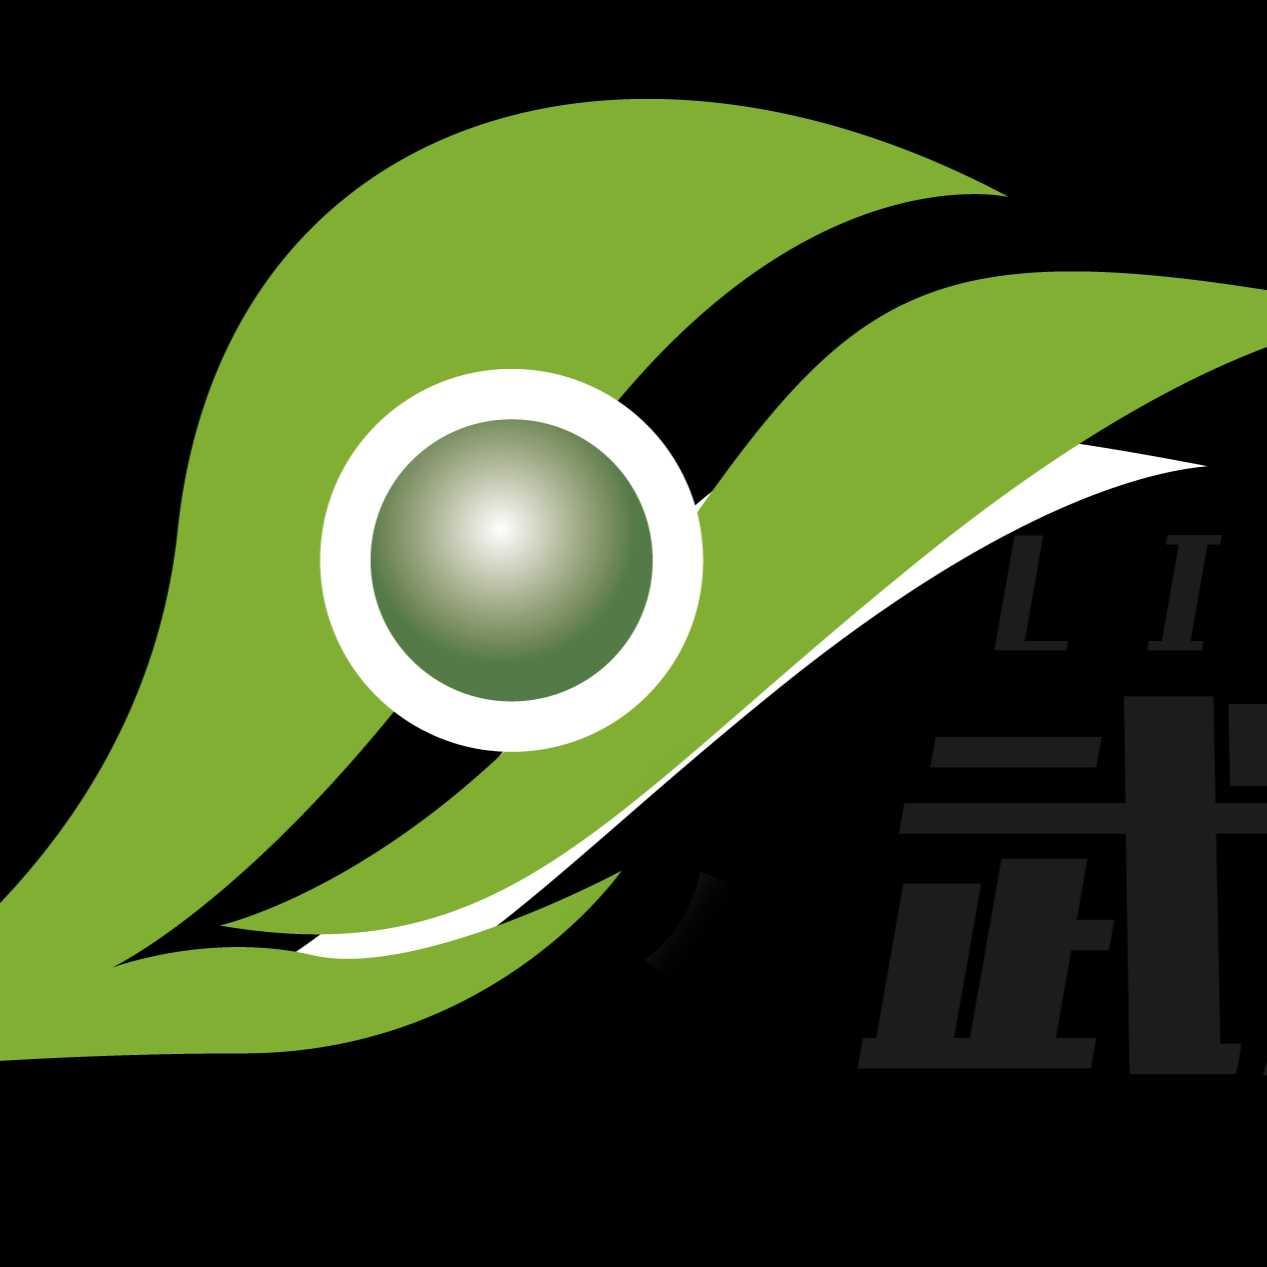 武汉领航者科技有限公司